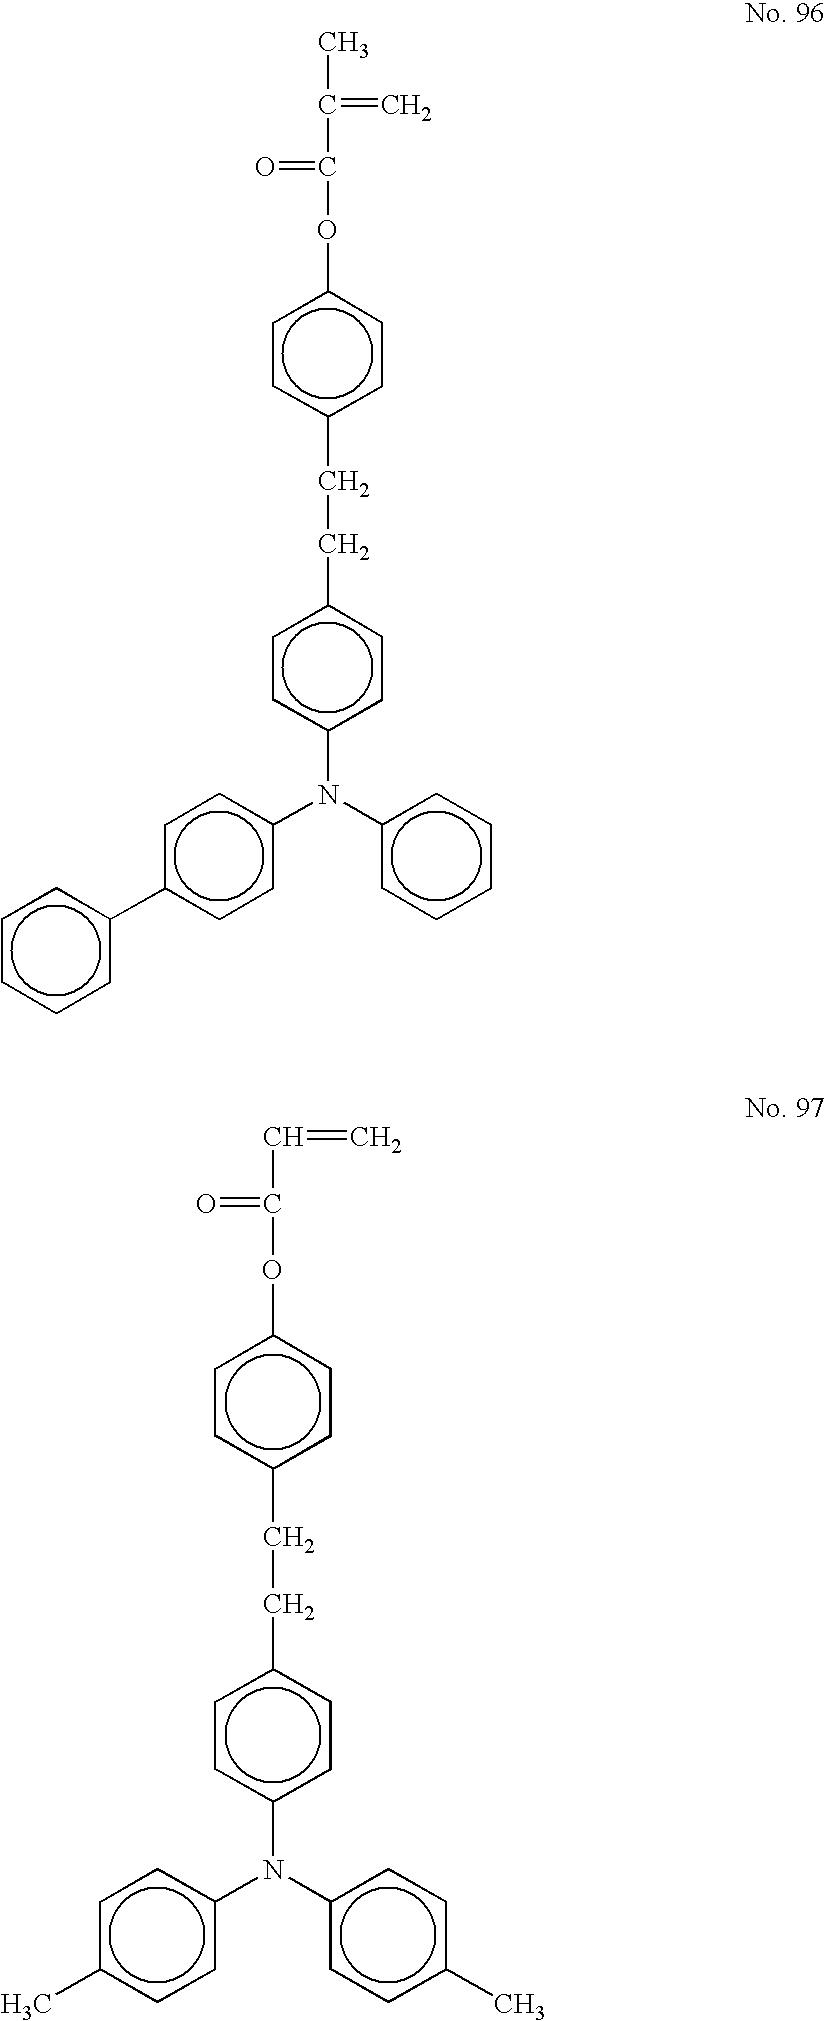 Figure US20050158641A1-20050721-C00046